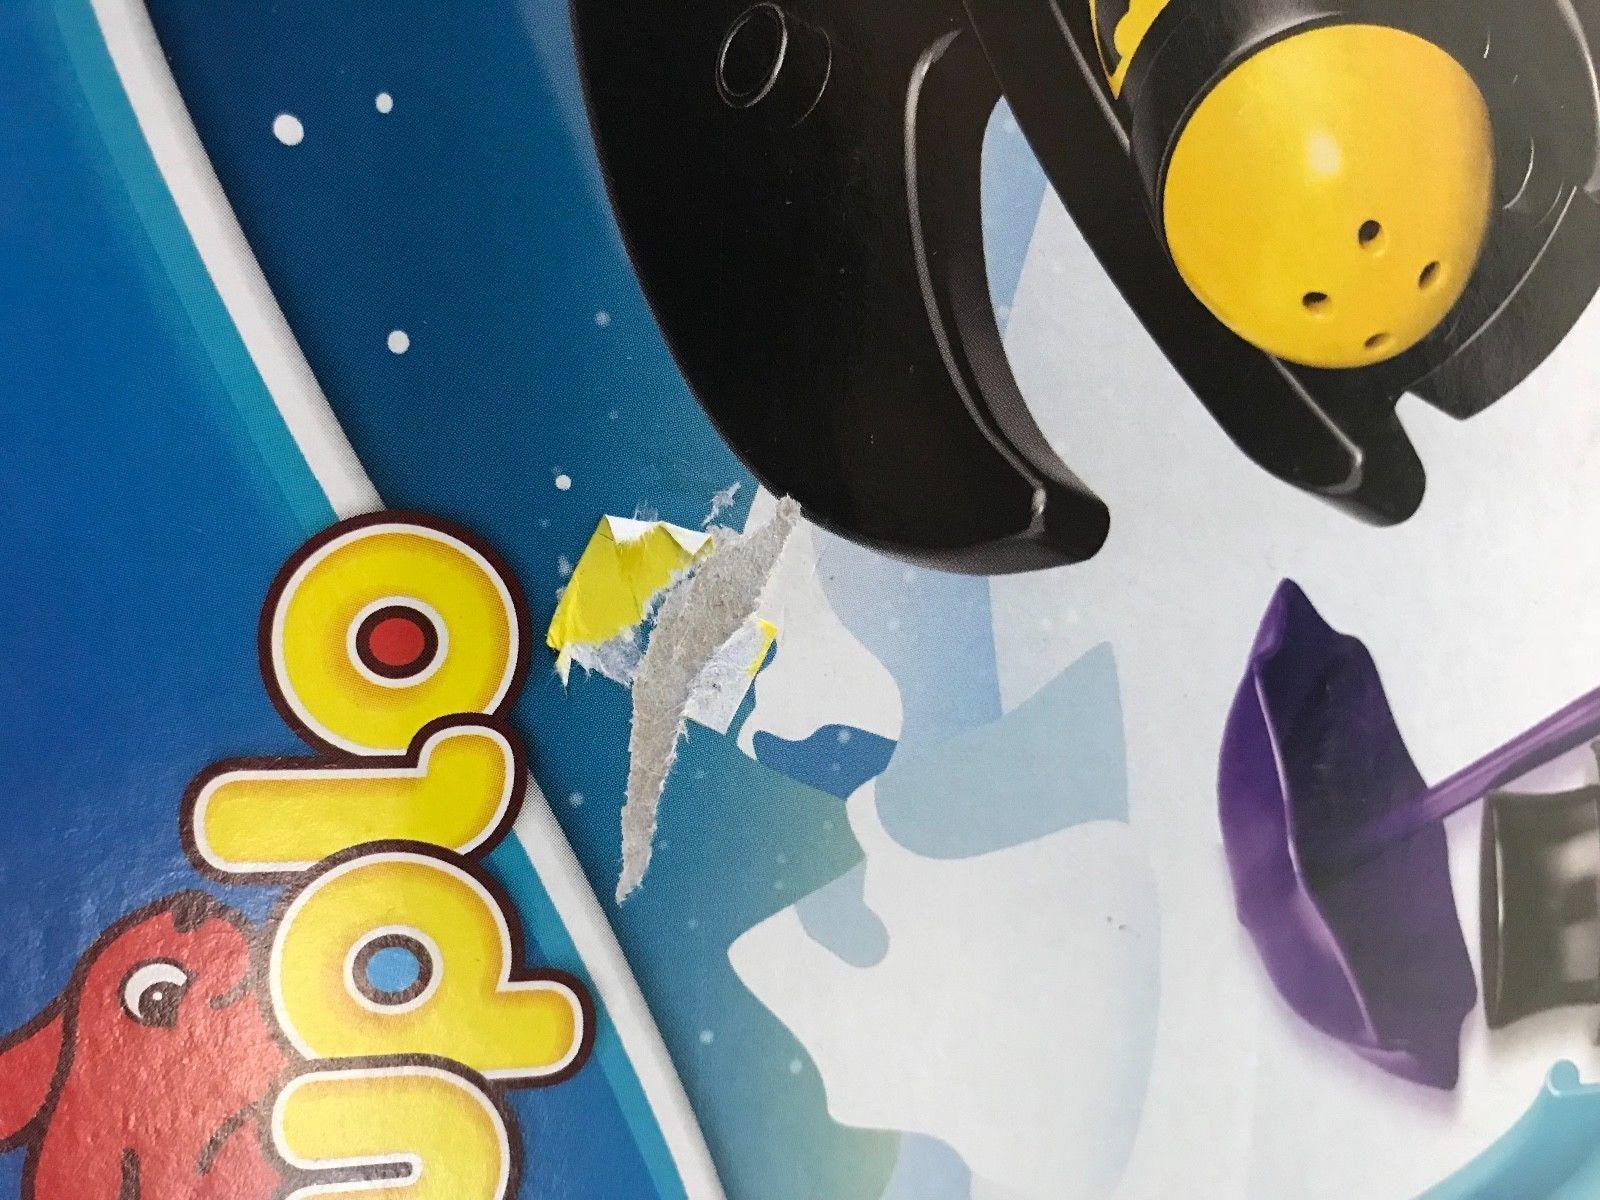 Lego Duplo DC Comics Super Heroes Batman BATWING ADVENTURE 10823 ~ 28 Pieces NEW